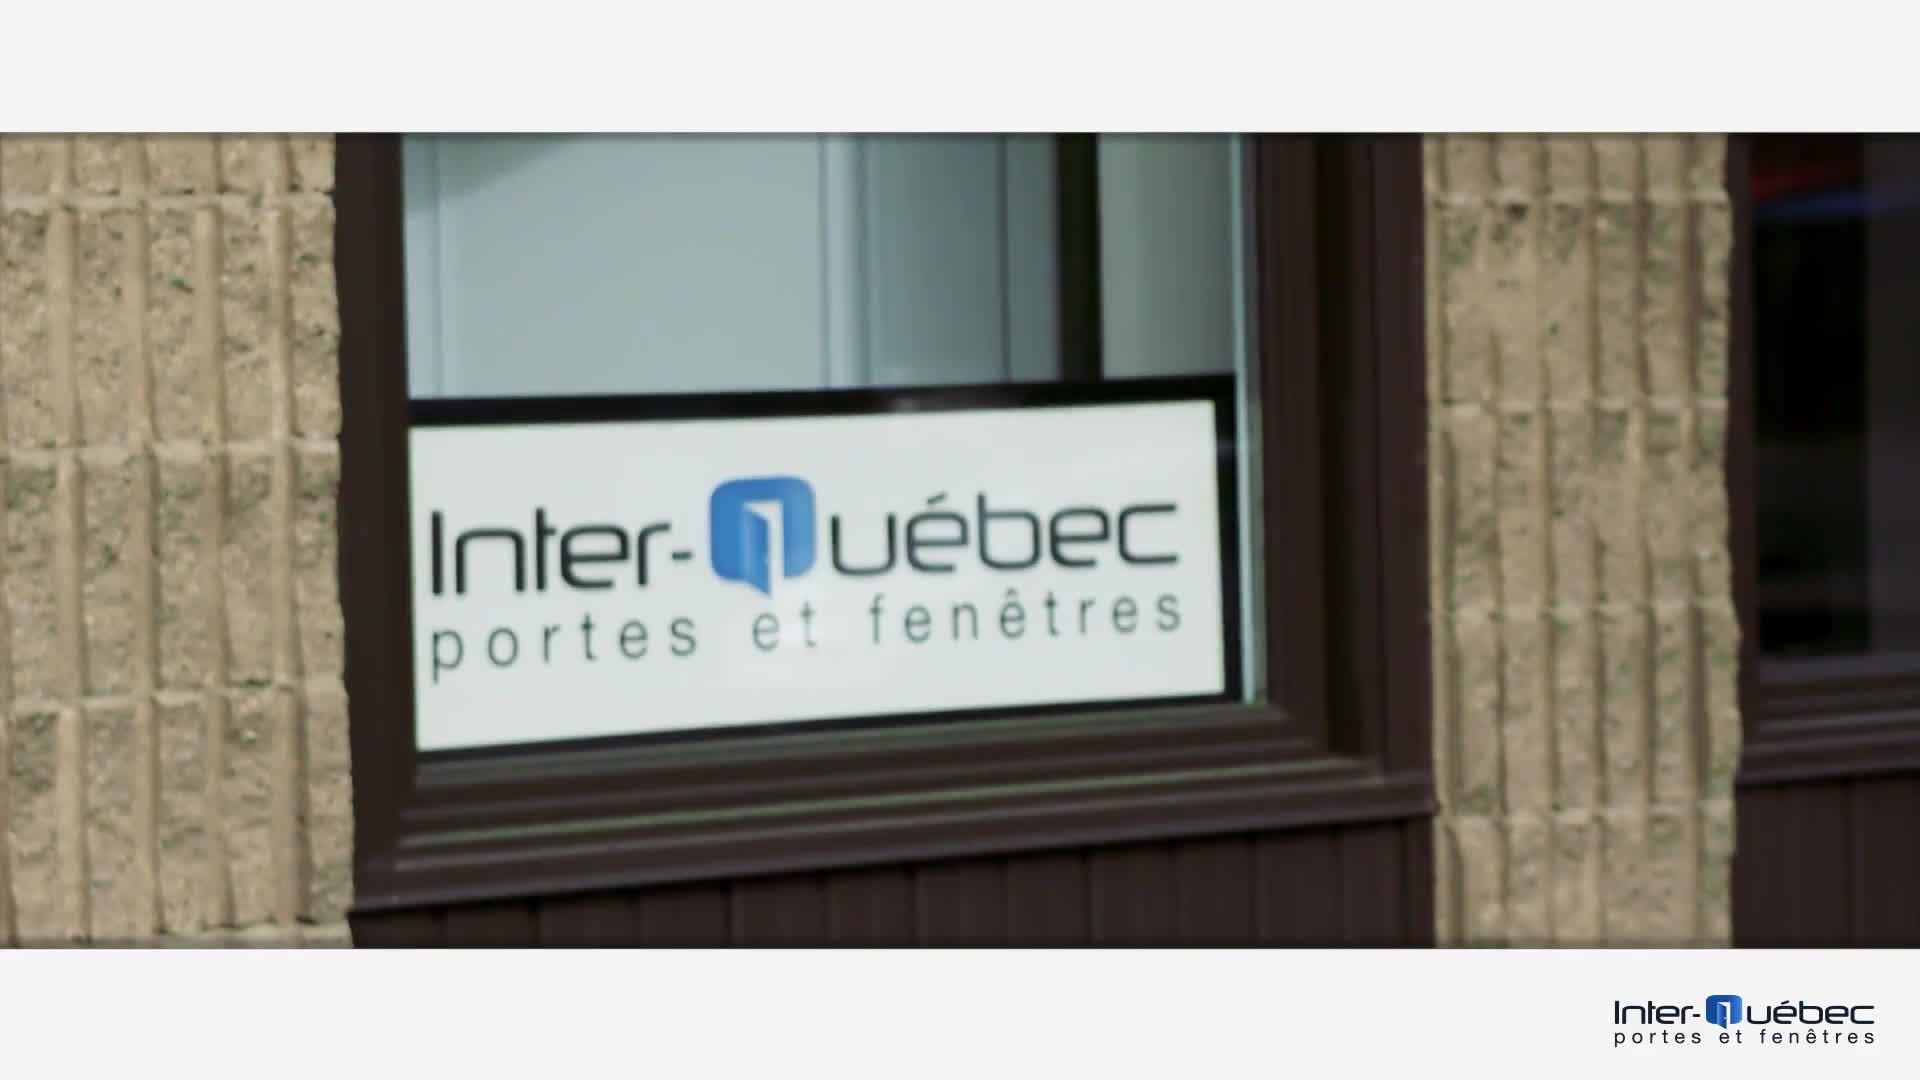 Porte et Fenêtre Inter-Québec - Portes et fenêtres - 5148898183